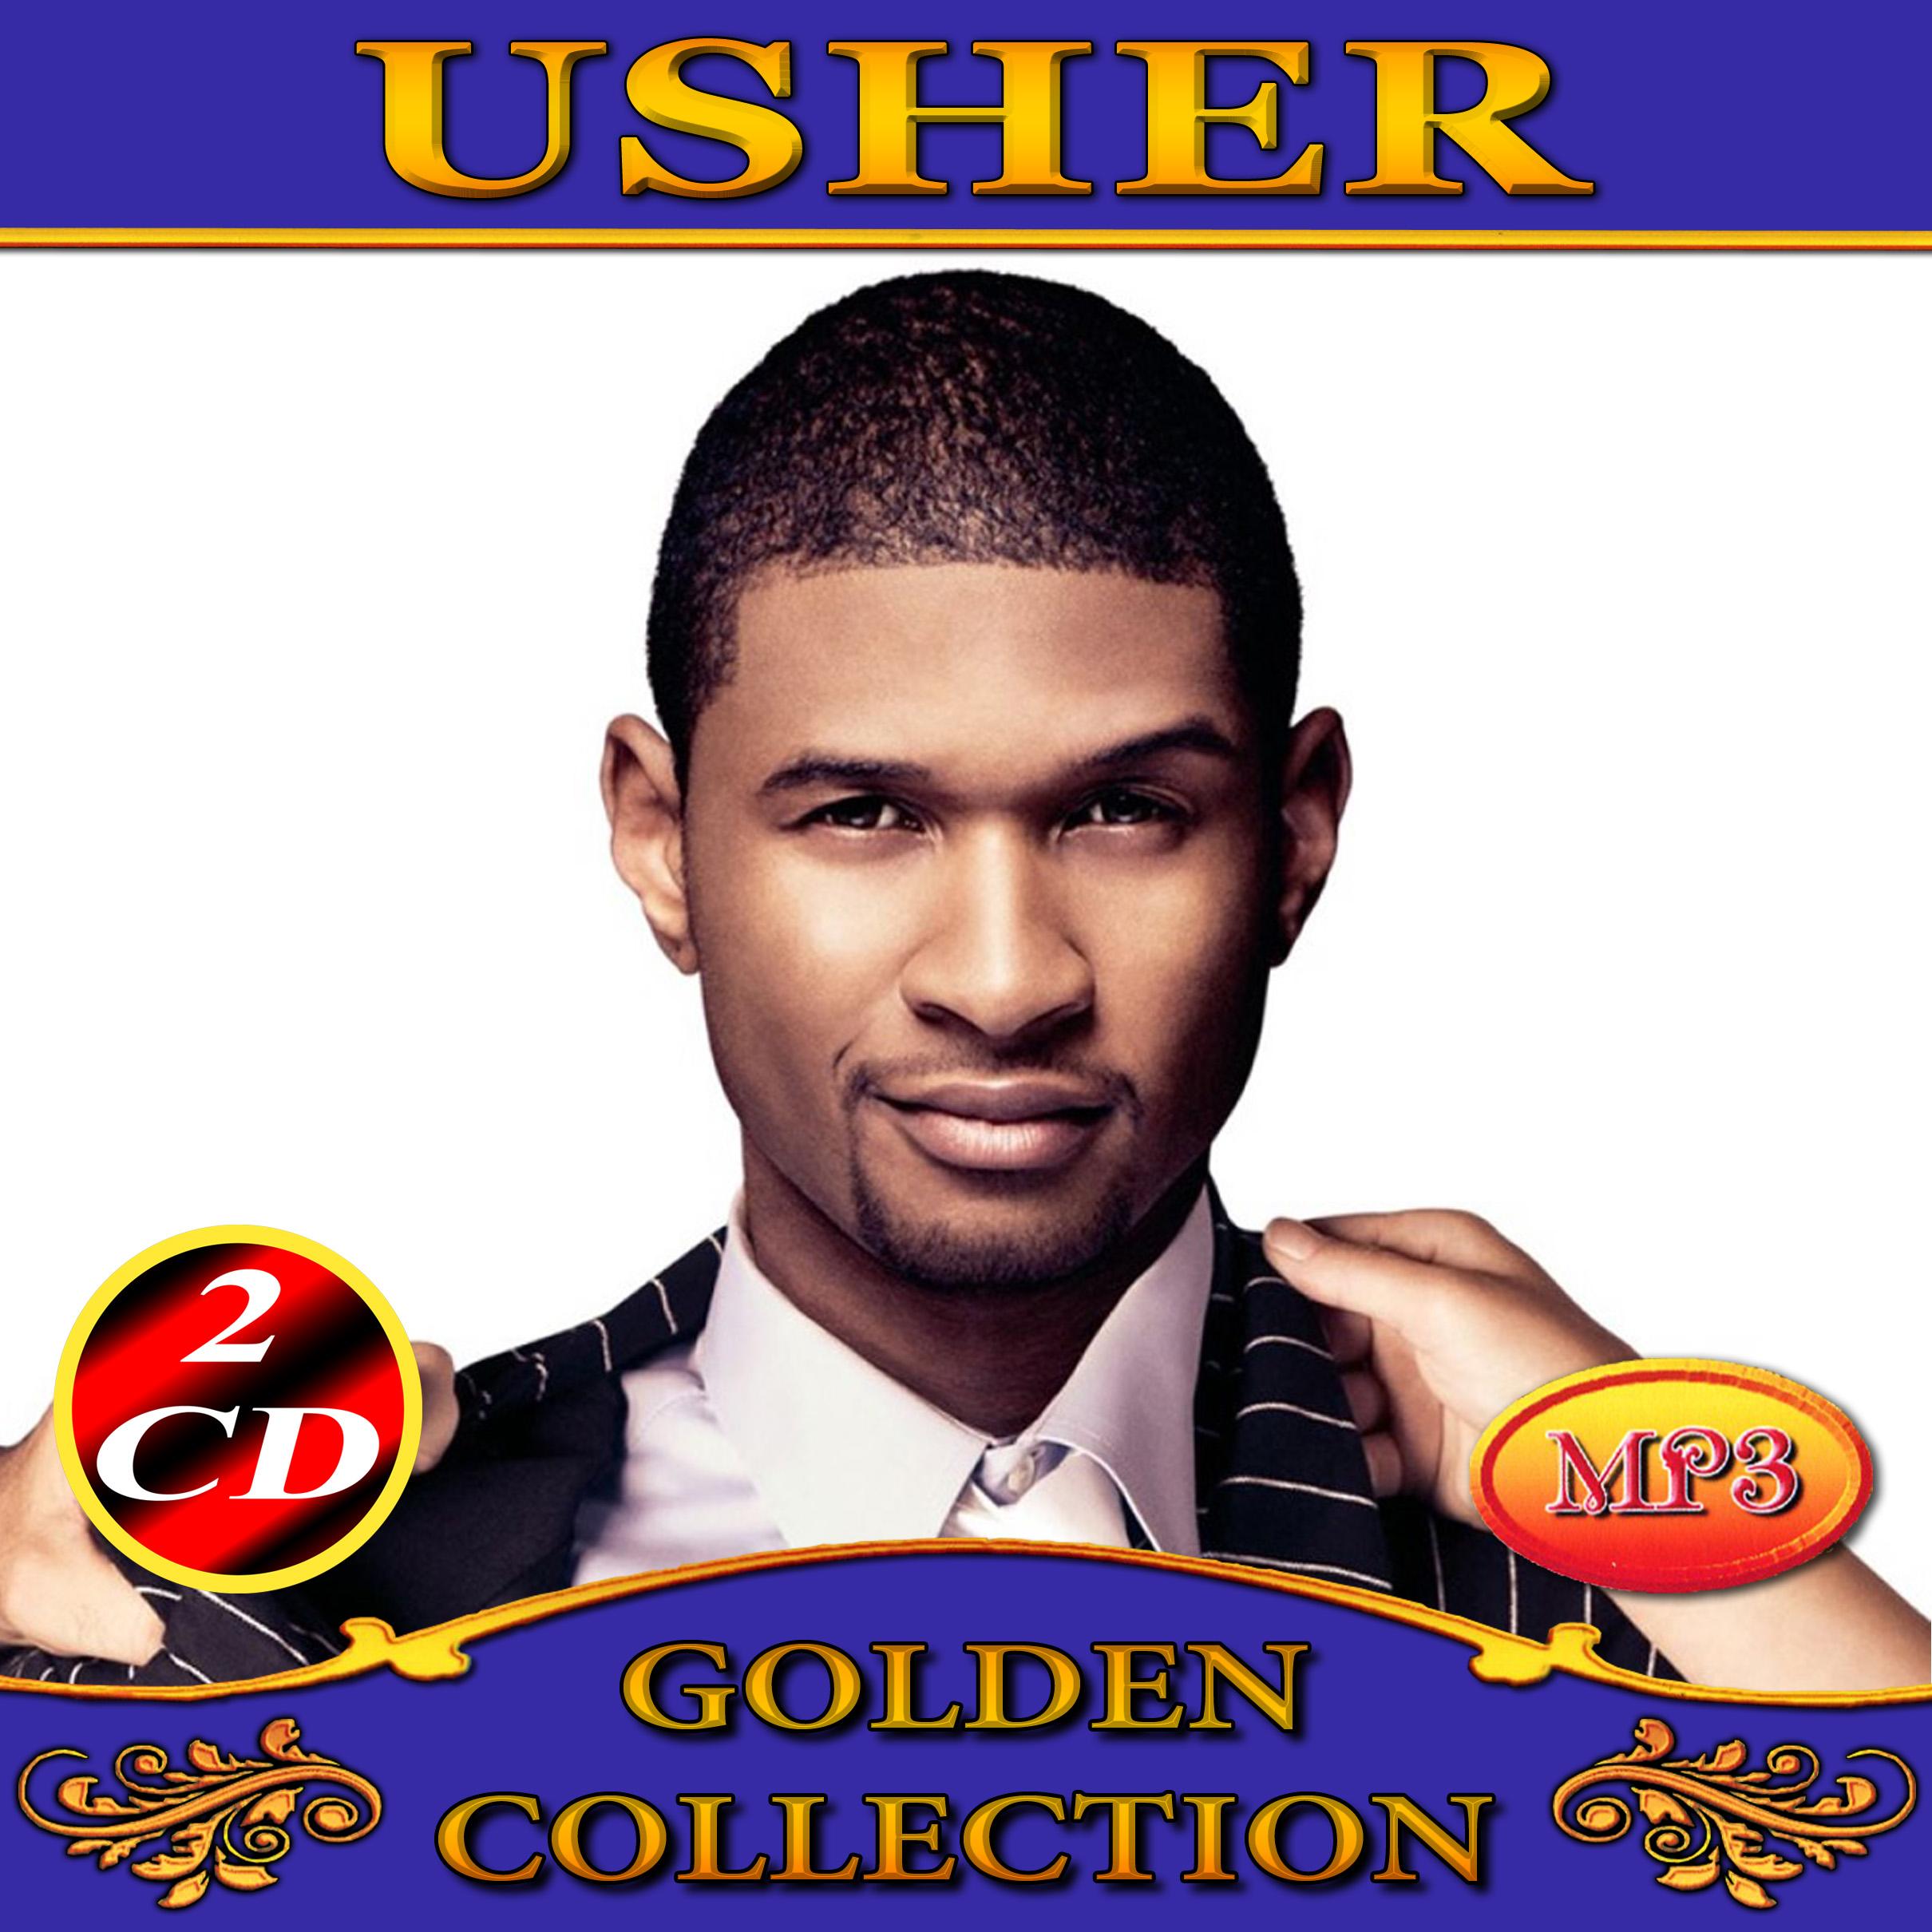 Usher 2cd [mp3]